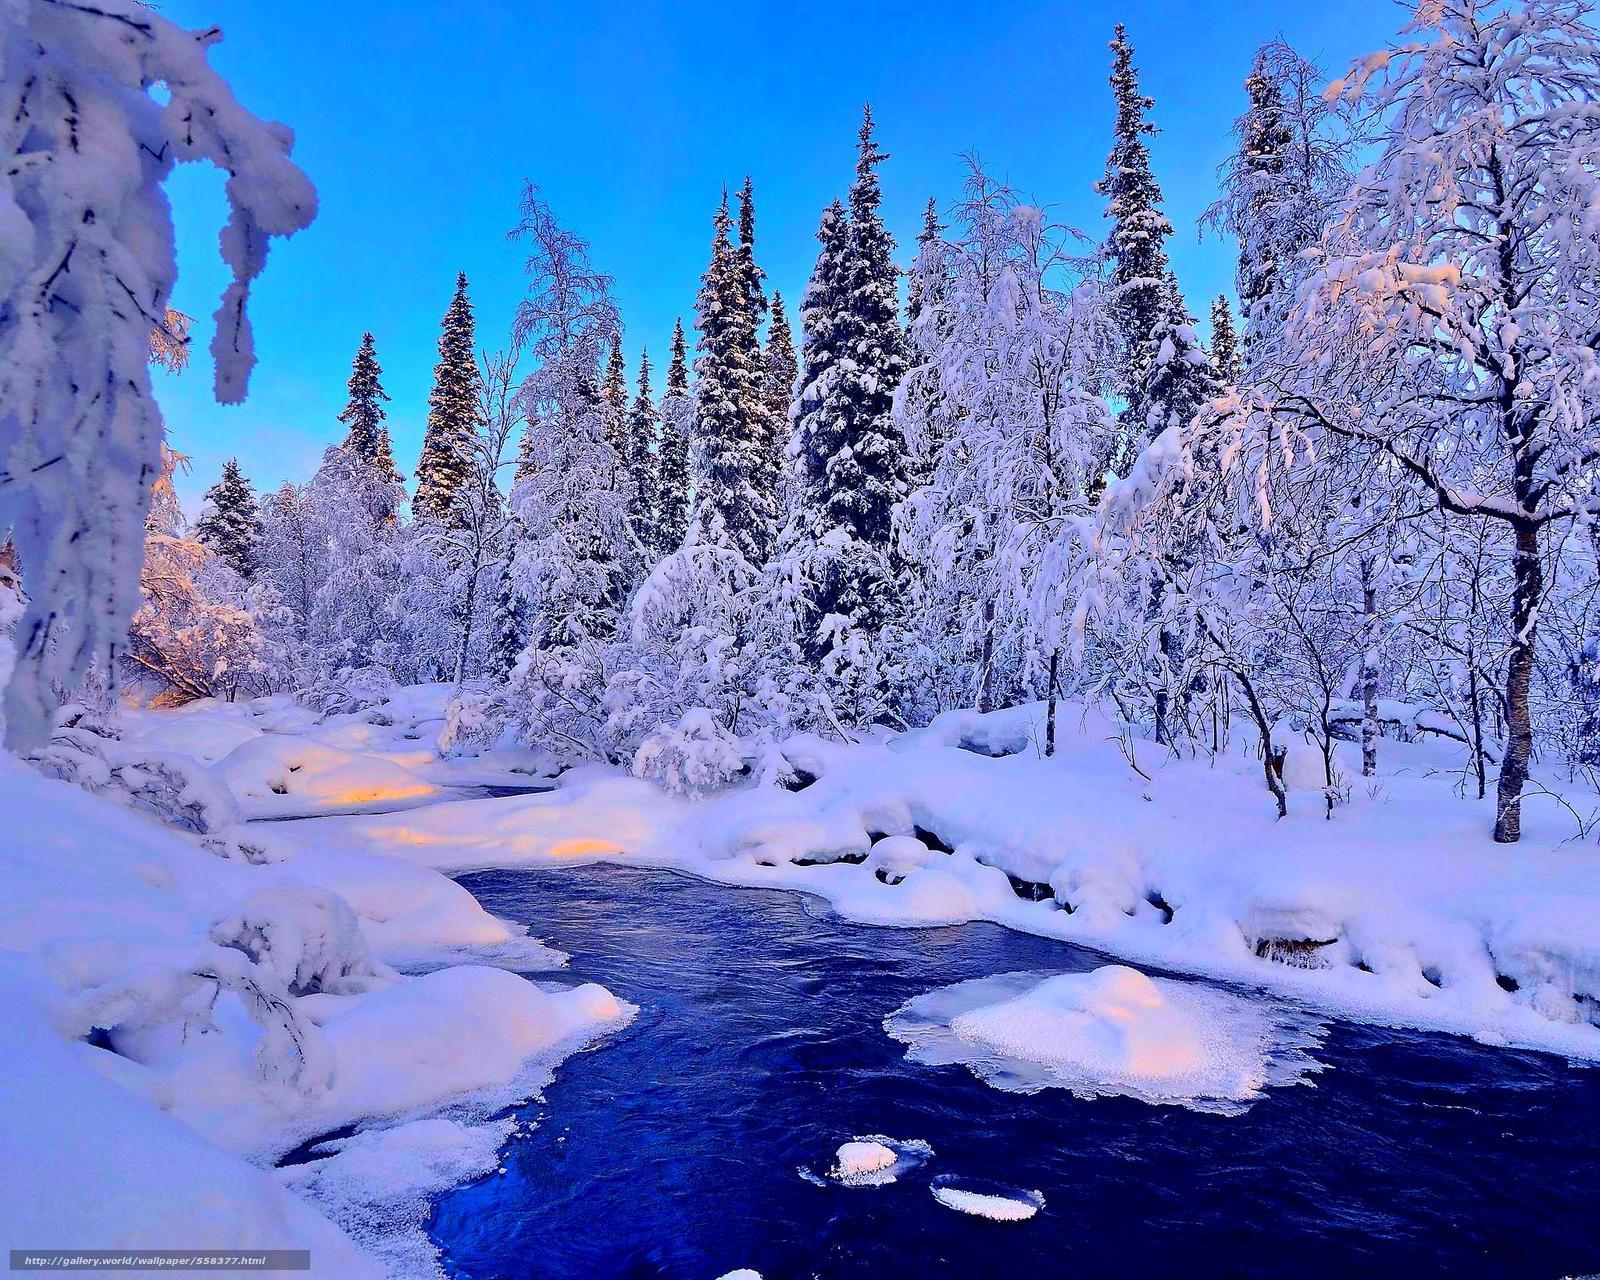 Download Hintergrund Winter Fluss Schnee Landschaft Freie